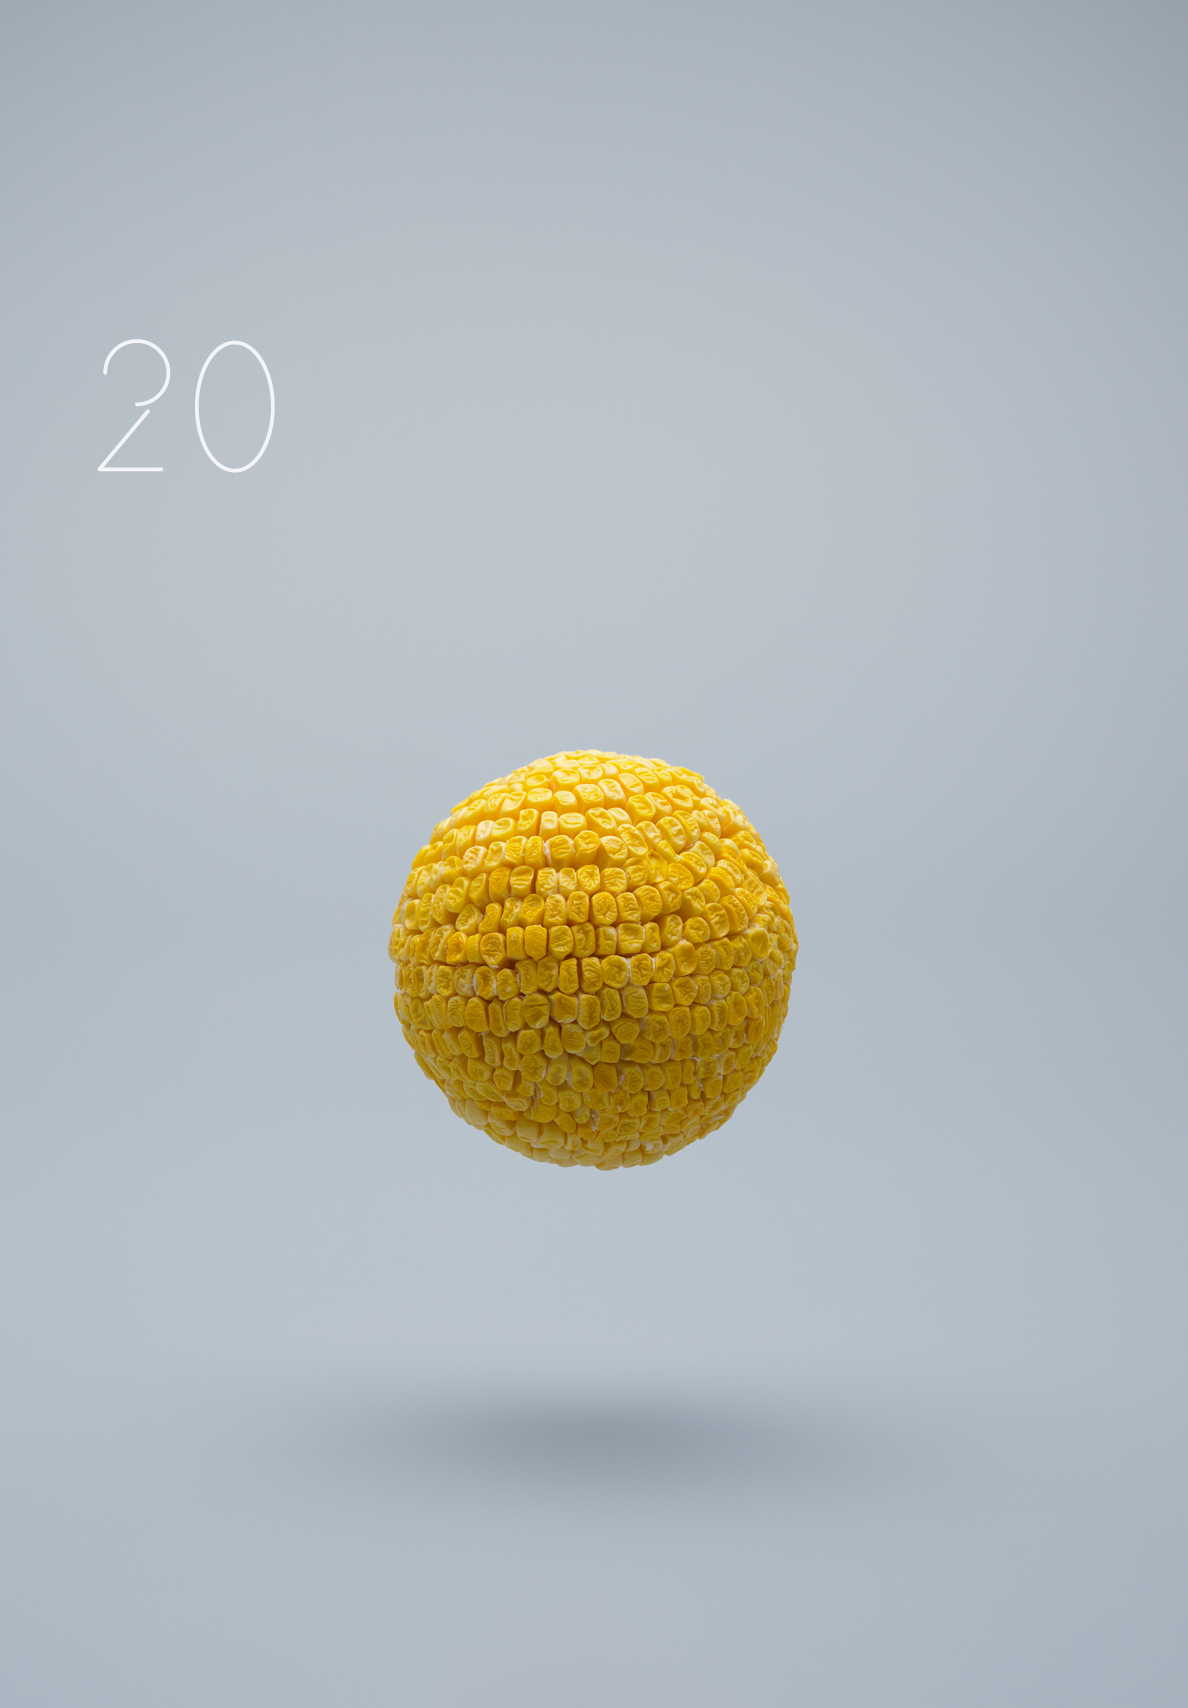 22cornのコピー